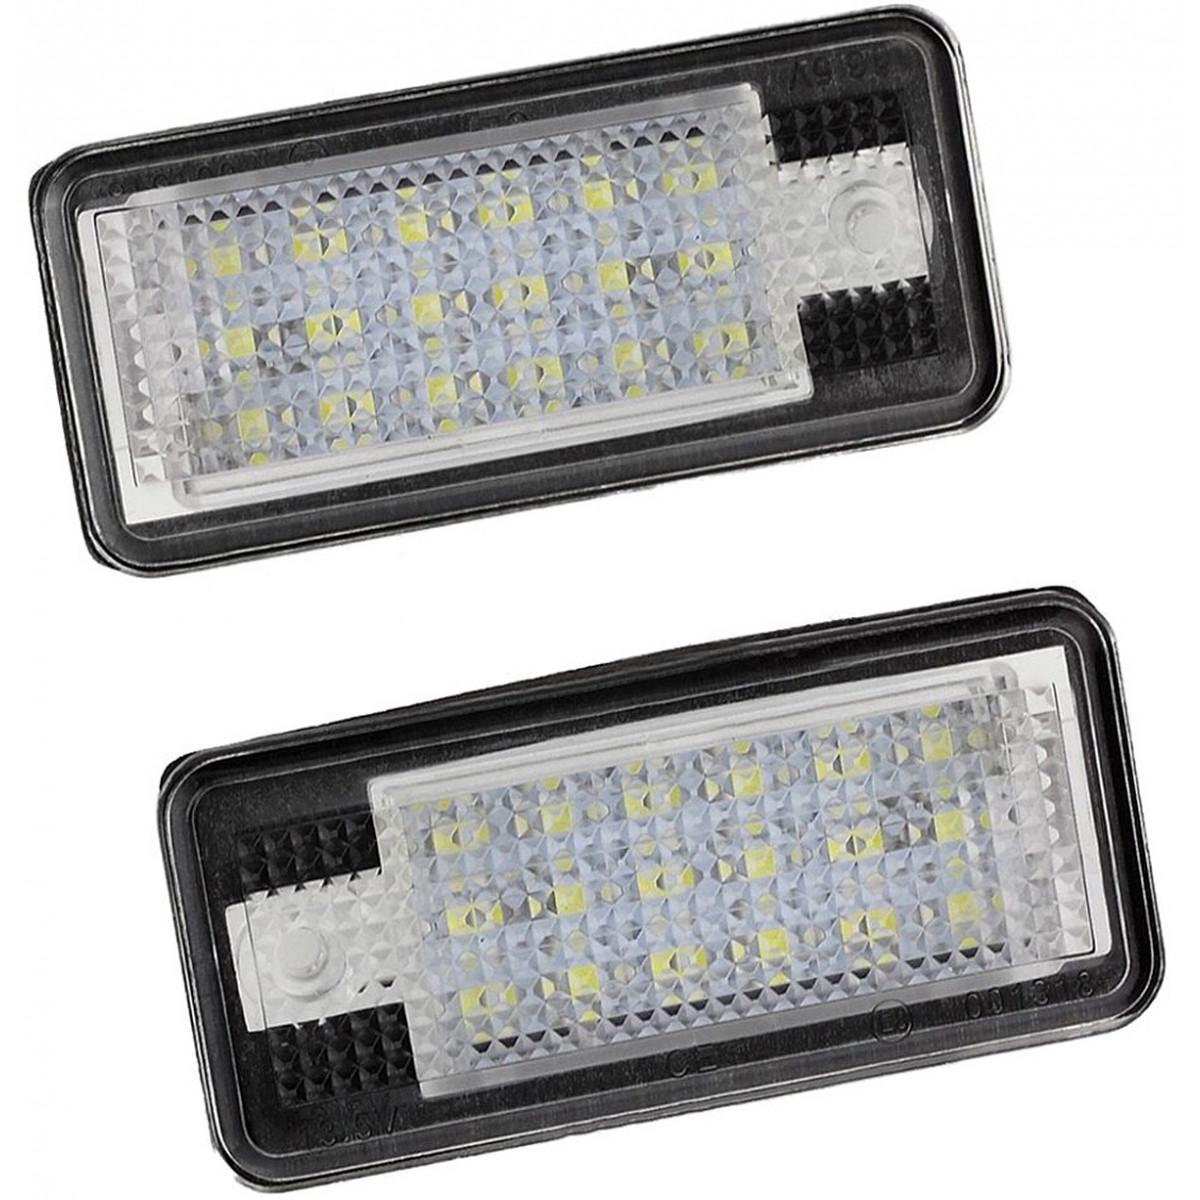 Kpl. lampek LED do podświetlenia tablicy rejestracyjnej (Audi)